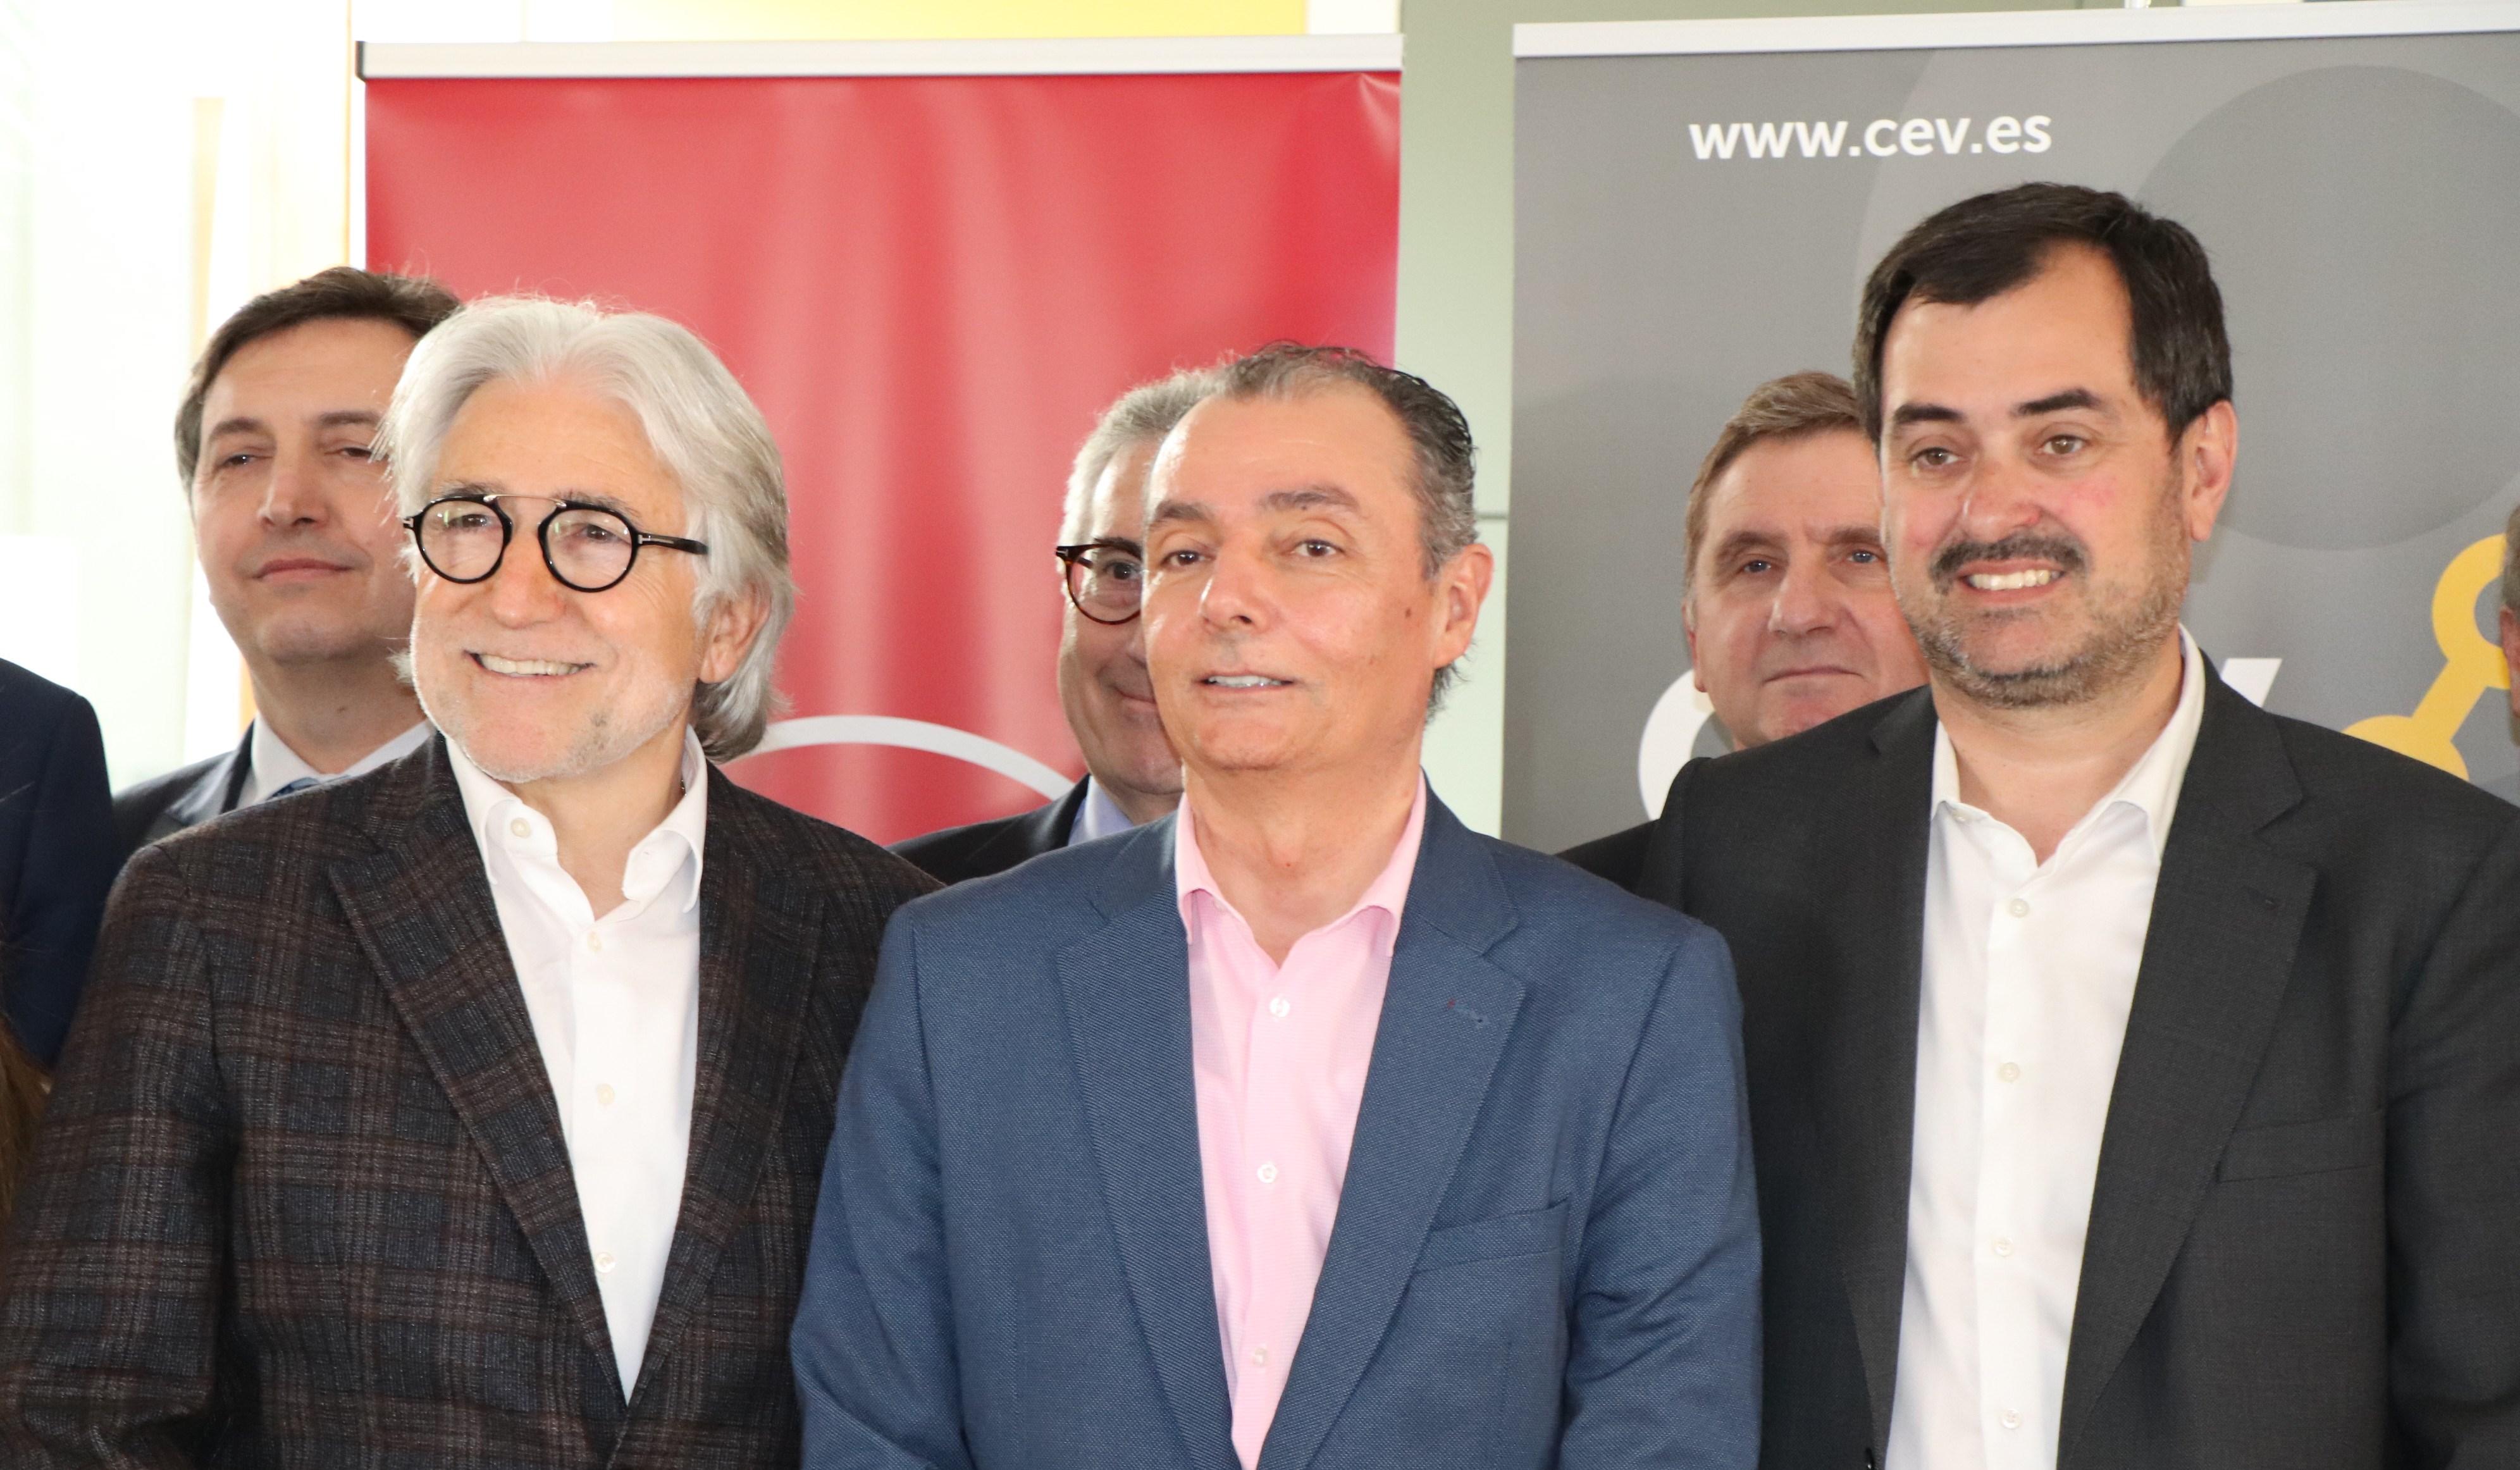 CEV, Foment i CEOE Aragó s'uneixen per reivindicar infraestructures estratègiques per als seus territoris